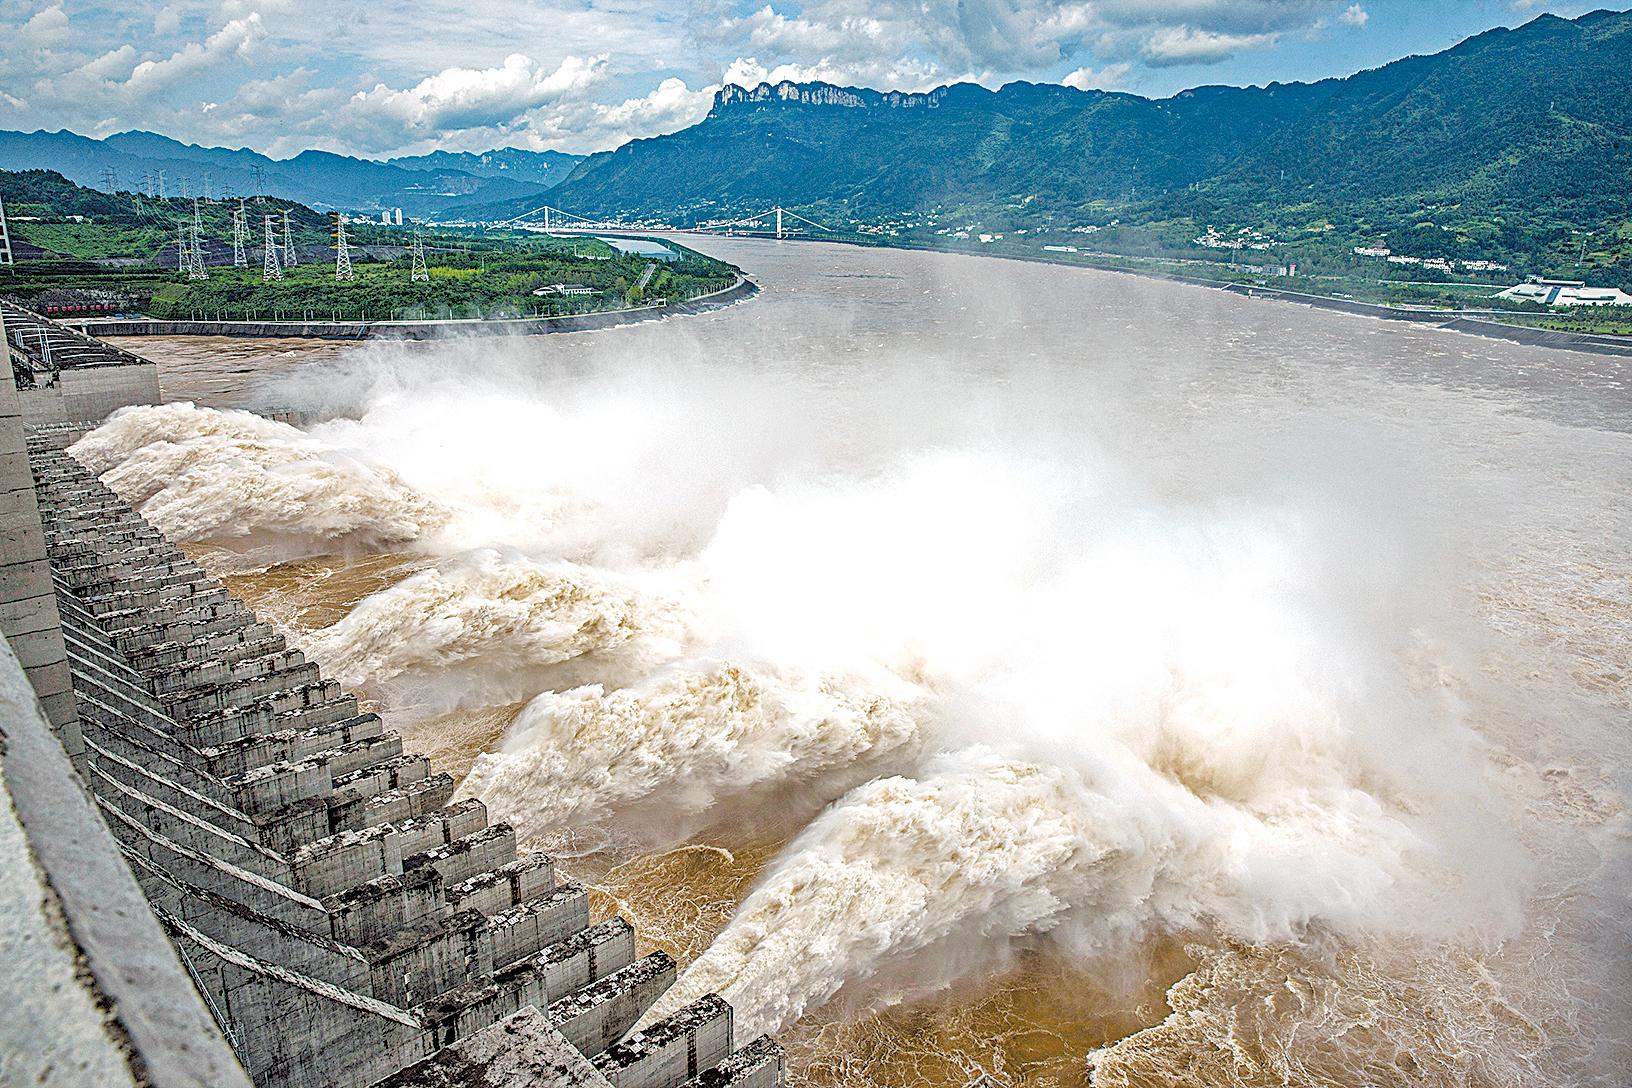 2020年7月19日,長江三峽大壩正在洩洪,造成下游洪災加重,許多農田和房屋被淹。(STR/AFP via Getty Images)